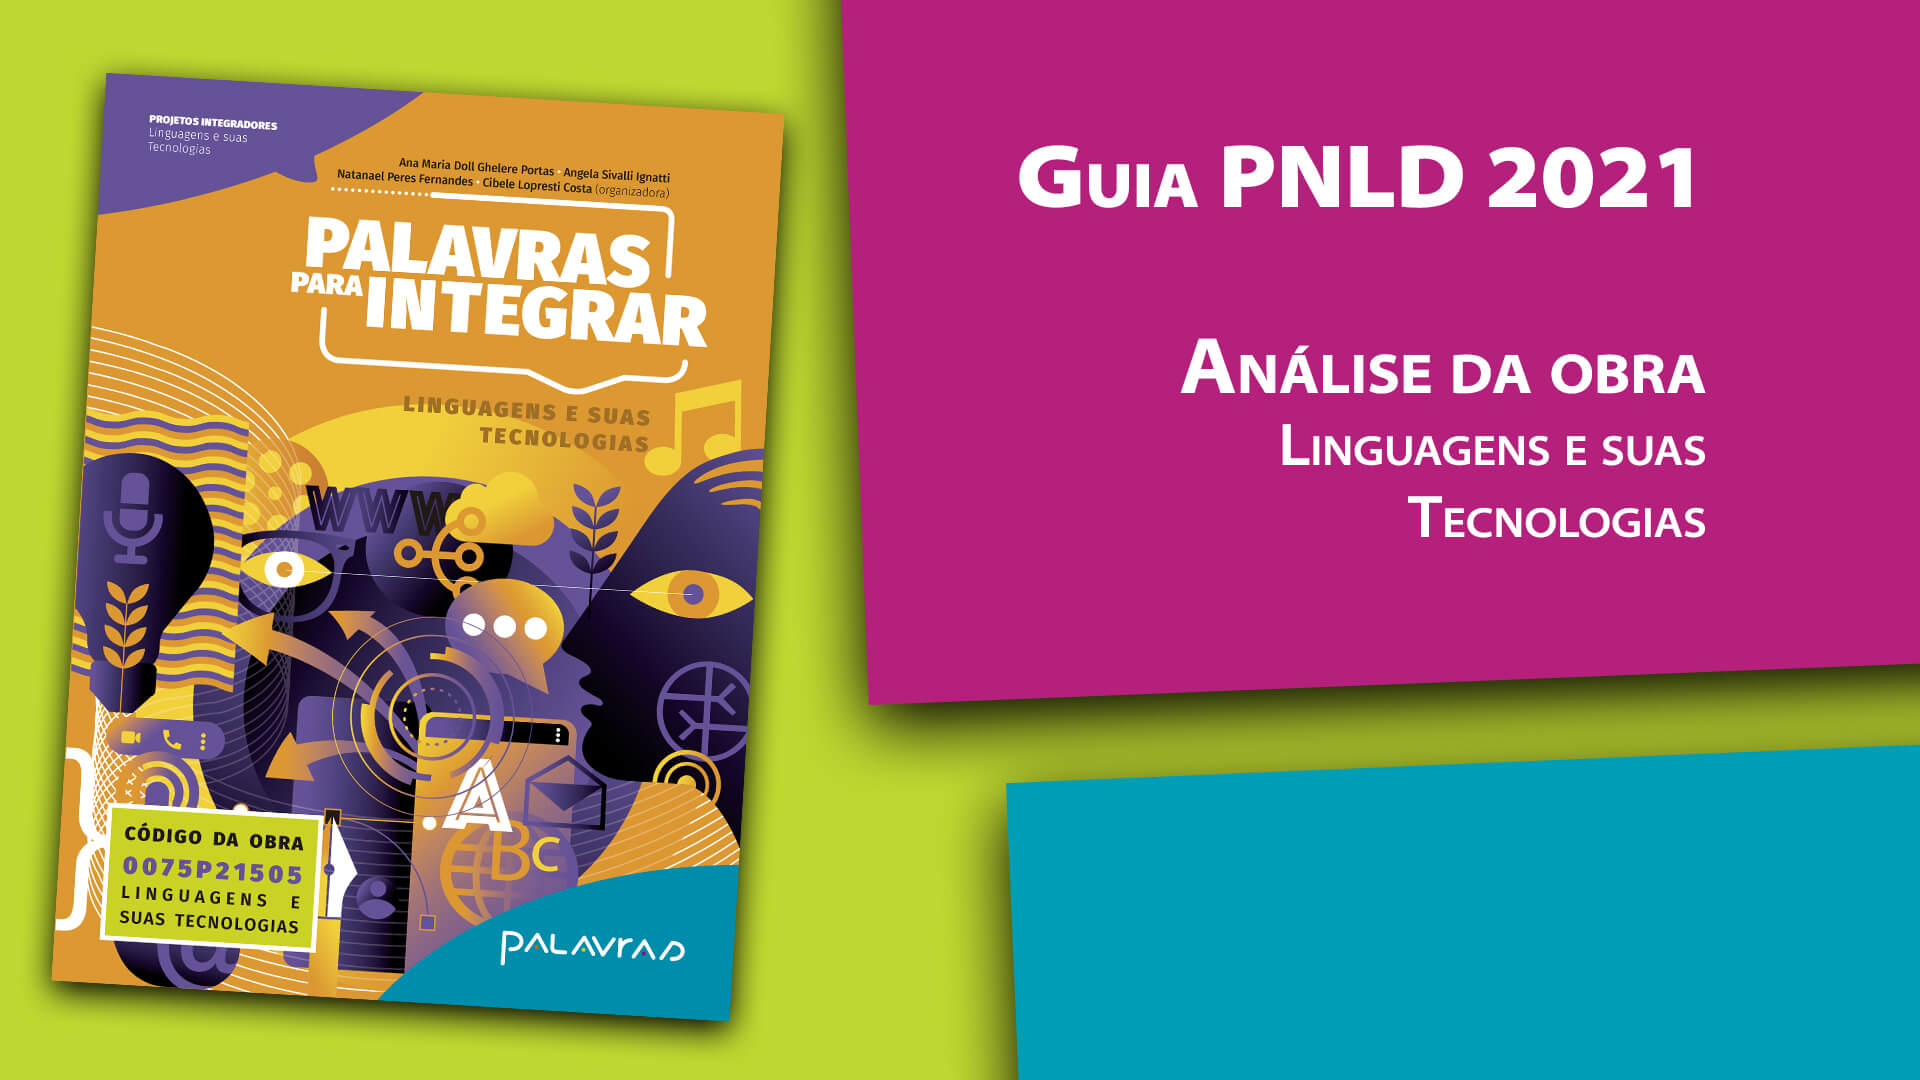 Guia PNLD 2021| Análise da obra | Linguagens e suas Tecnologias